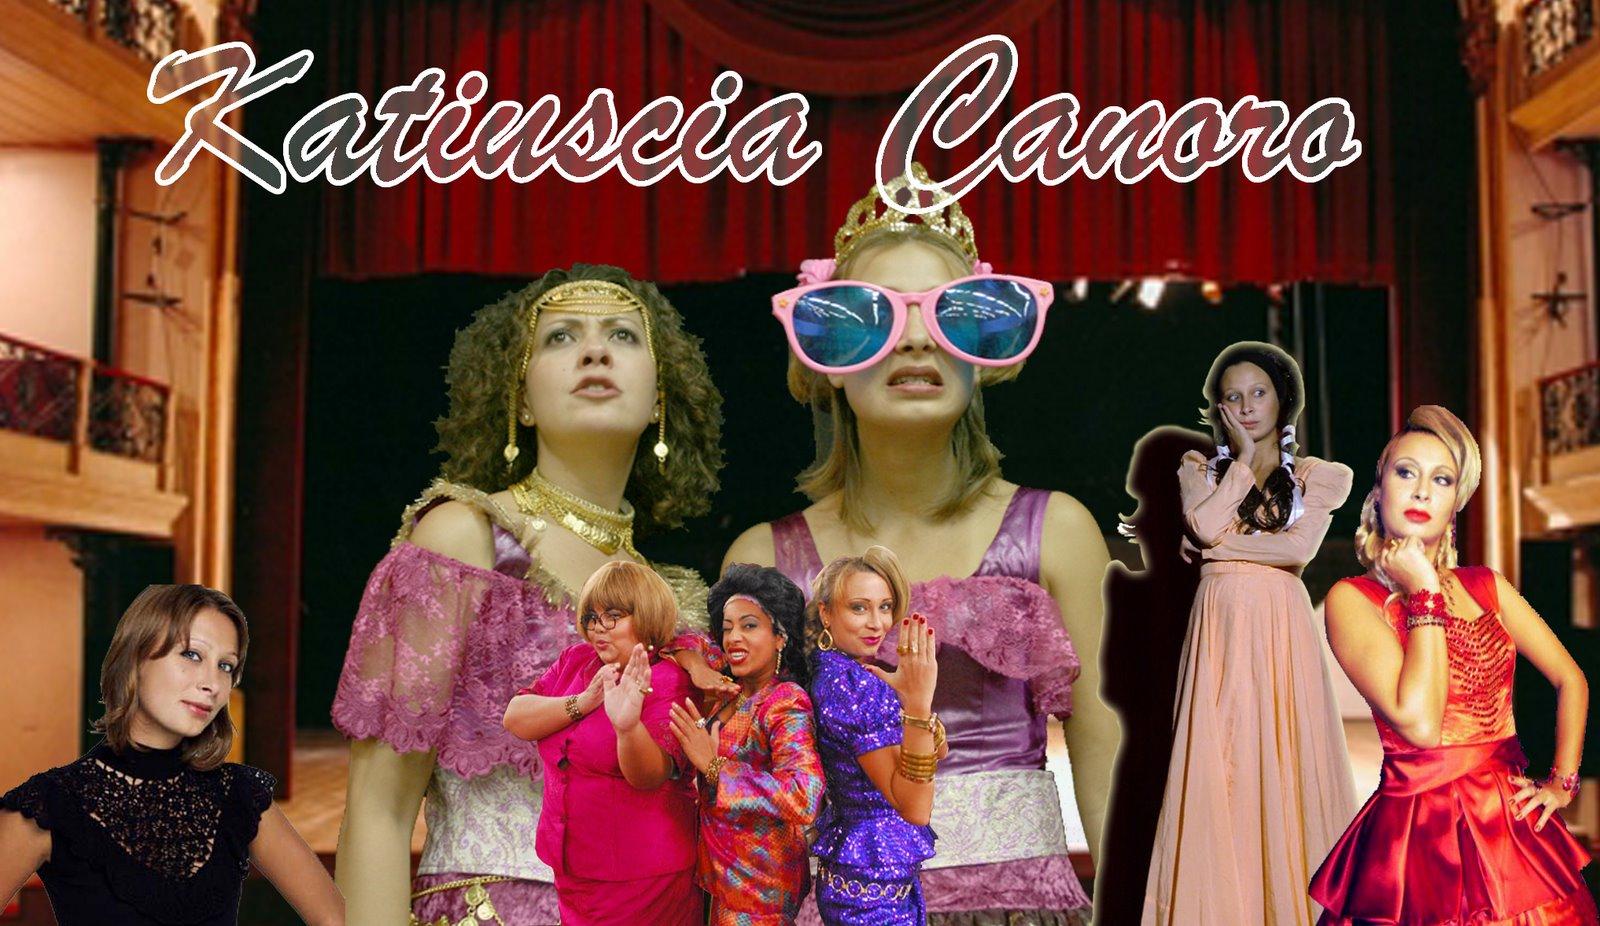 Katiuscia Canoro